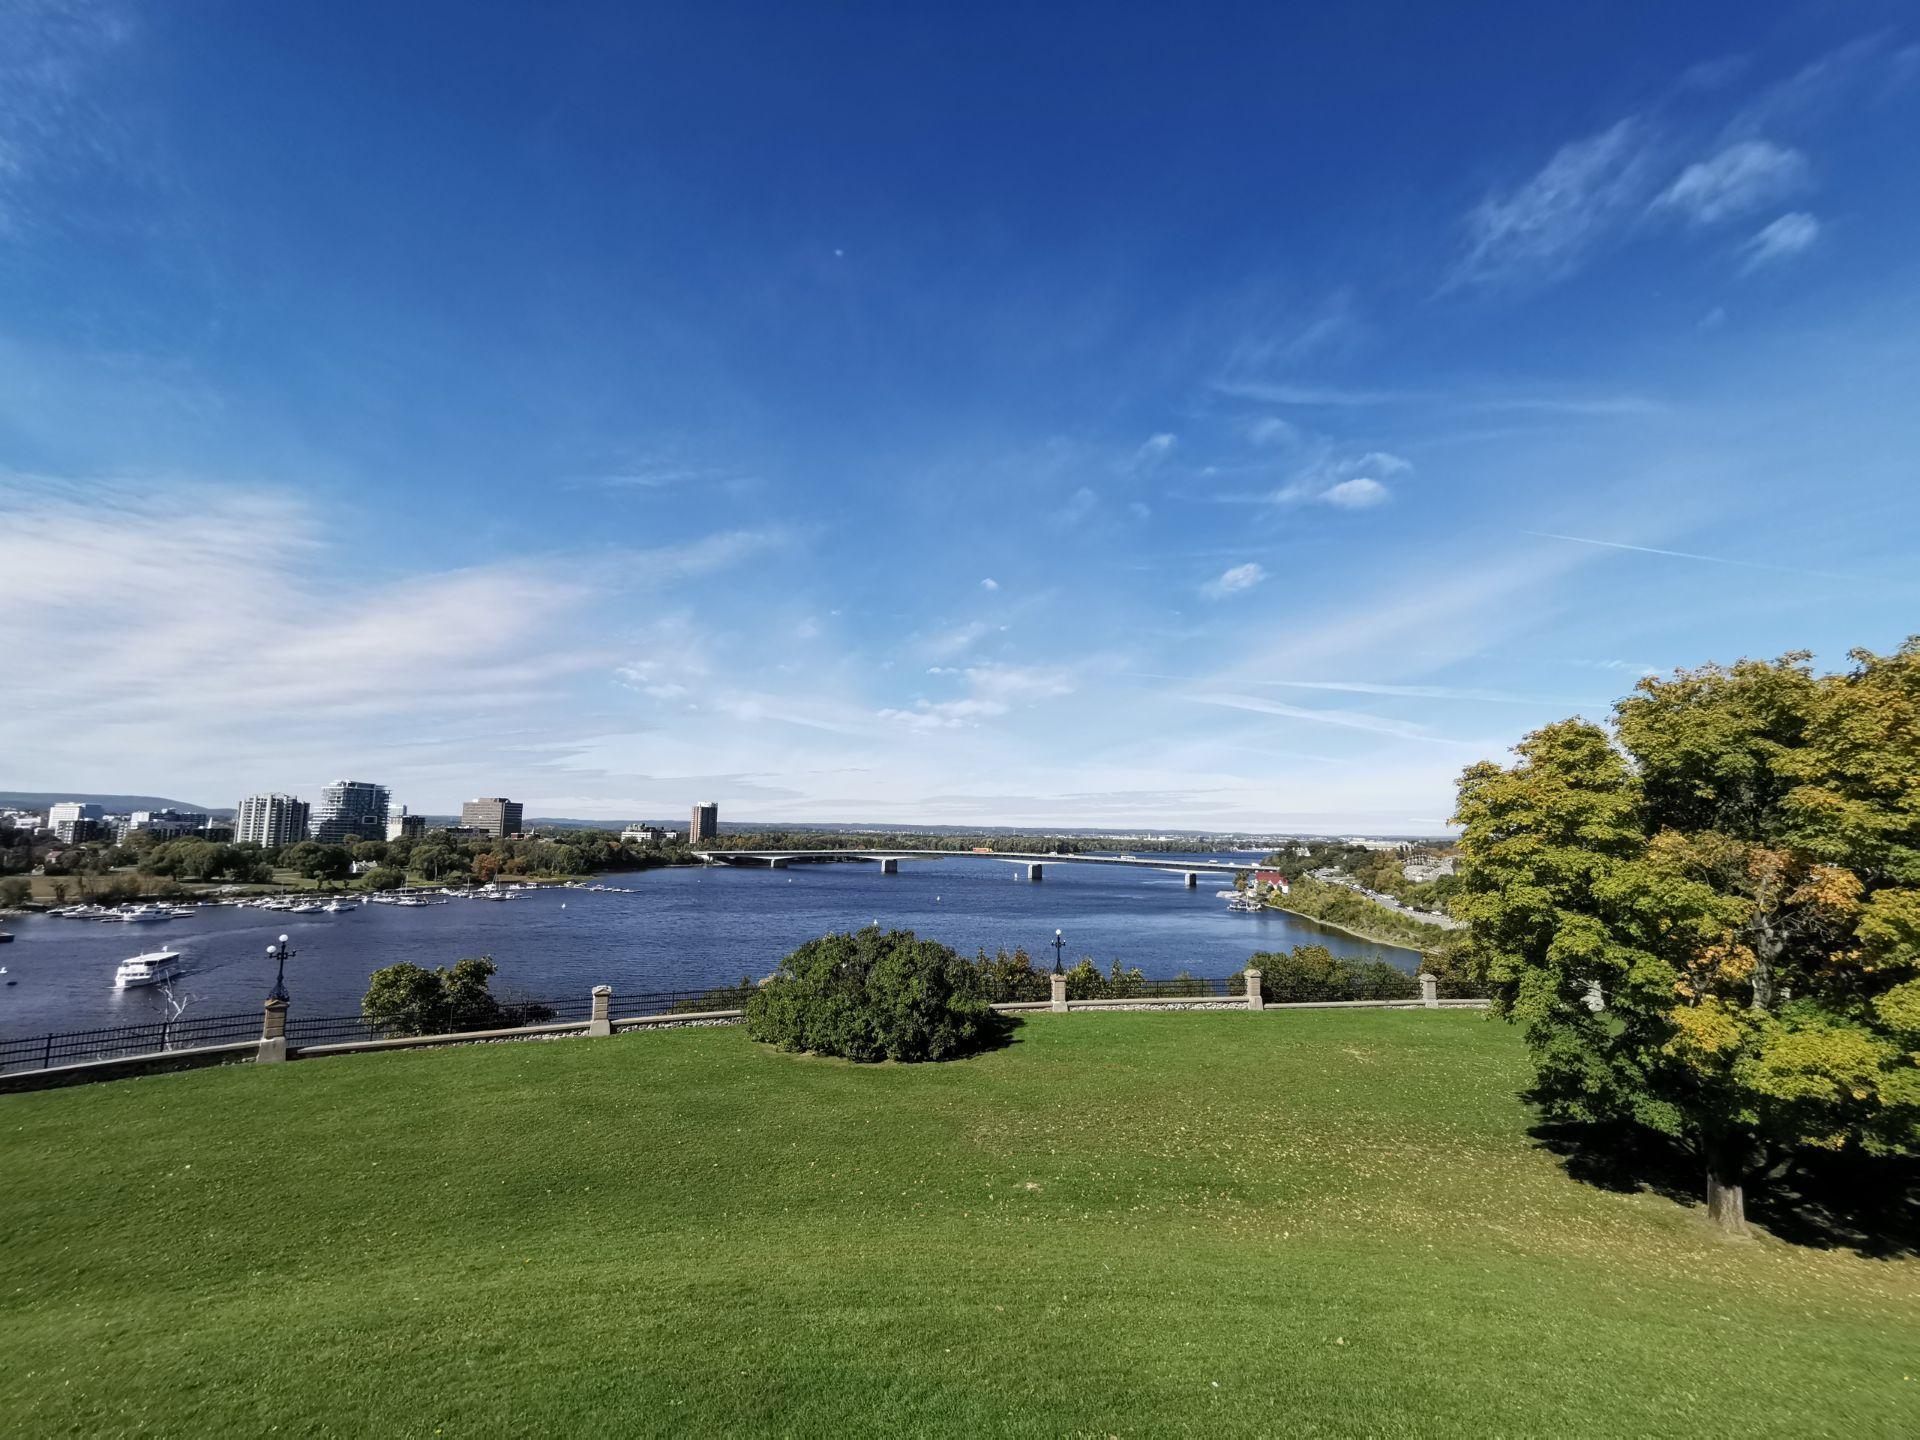 加拿大 渥太华 市长山公园